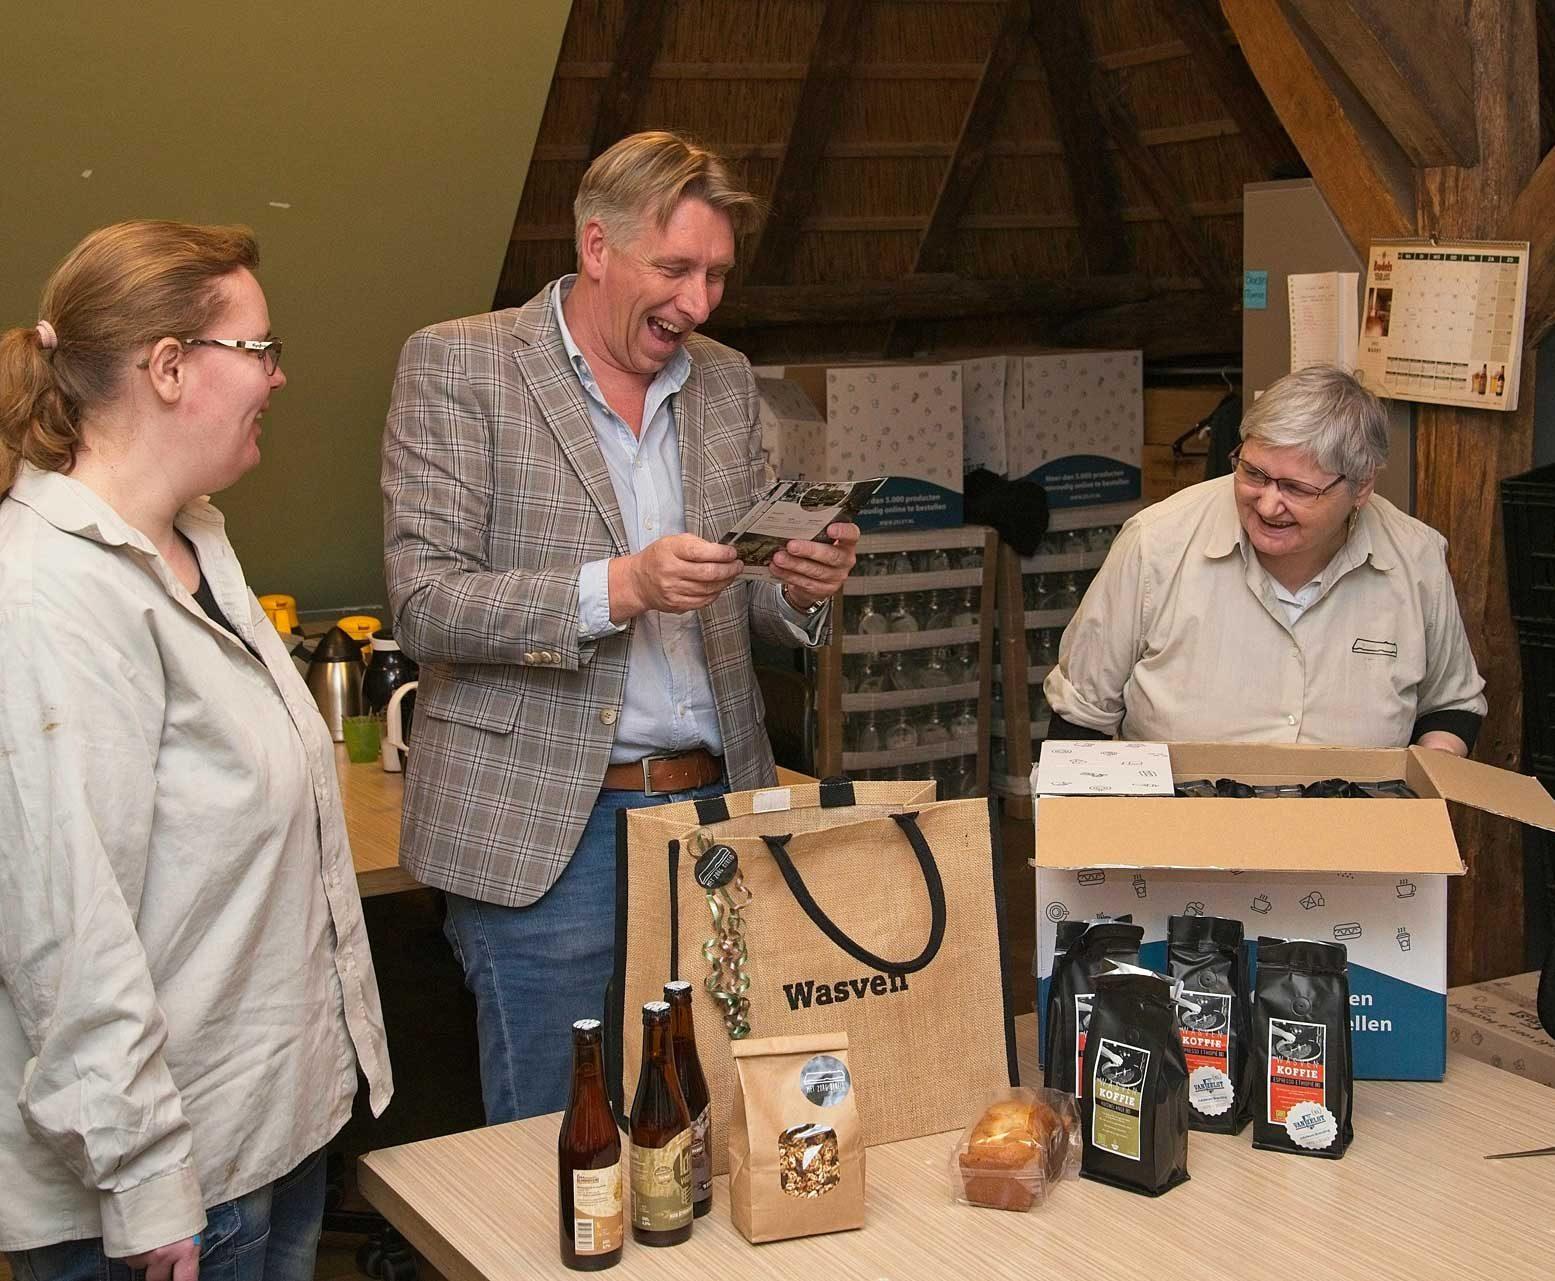 Koffiemoment Van Zelst